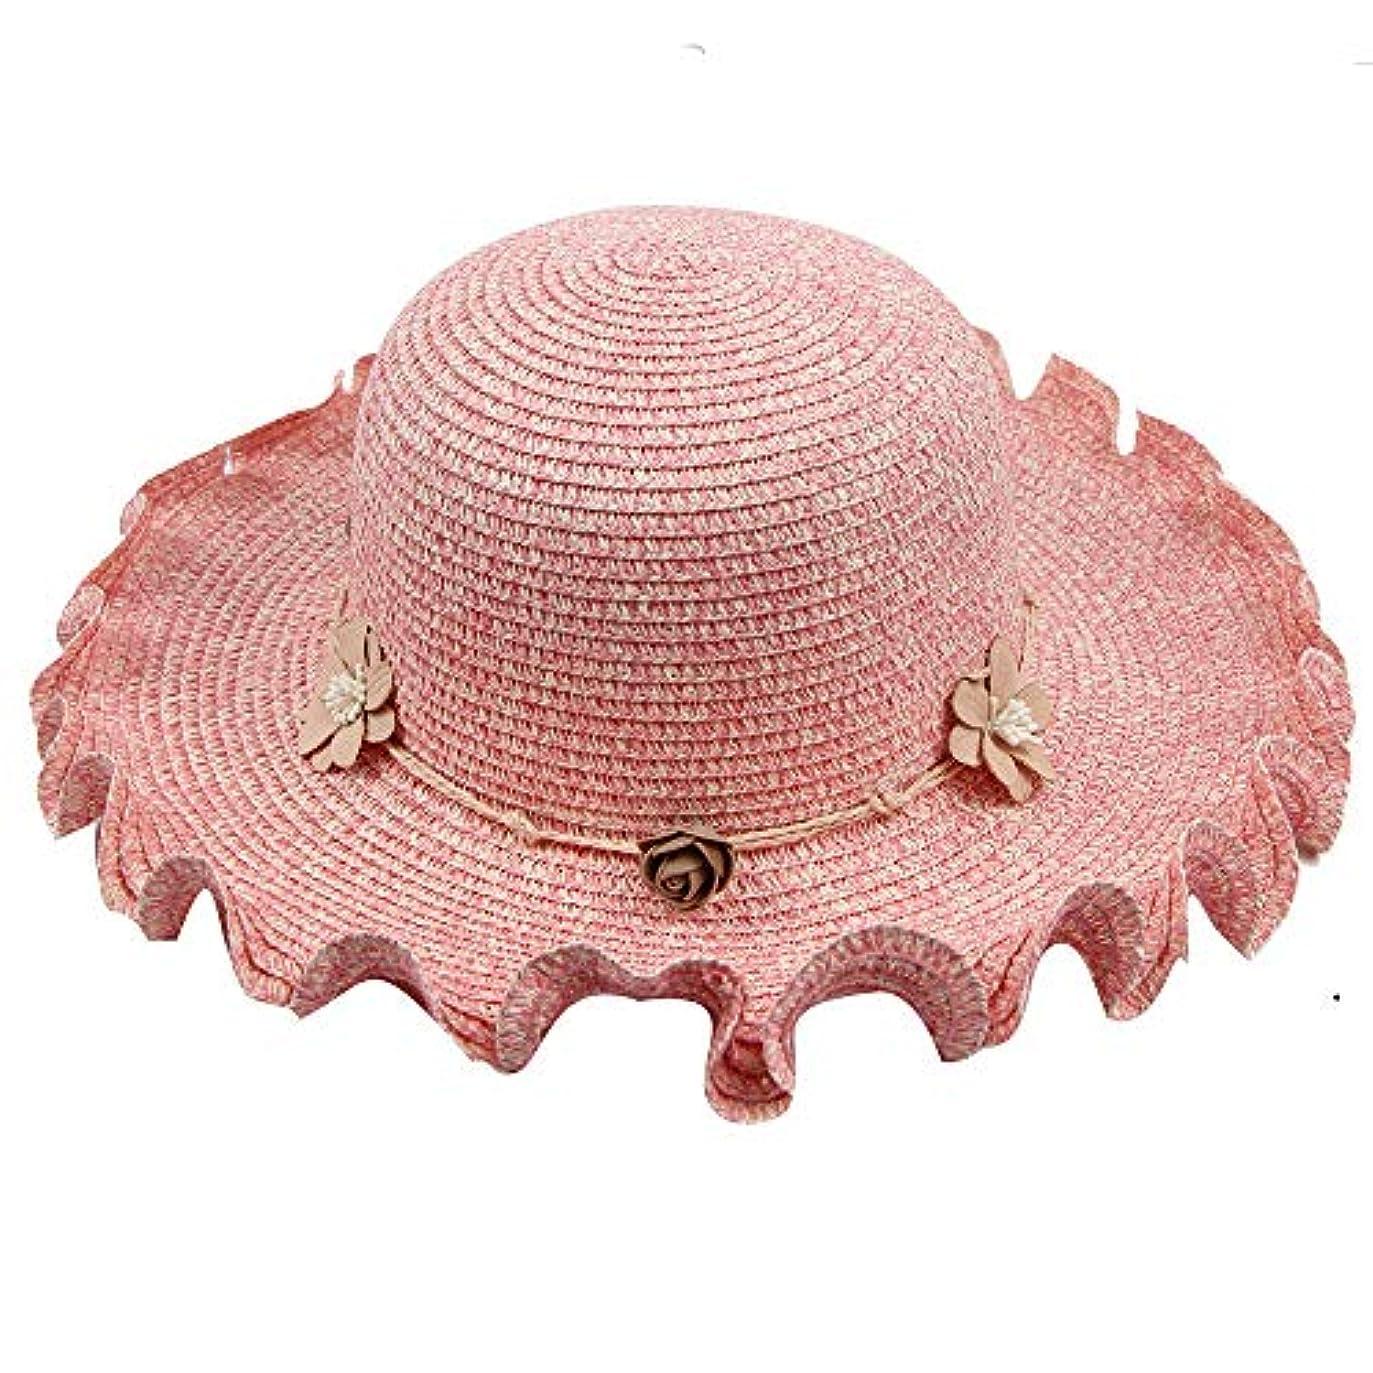 ロードされた切り離す政令帽子 ROSE ROMAN ハット レディース 帽子 サイズ調整 テープ 夏 ビーチ 必須 UVカット 帽子 日焼け防止 紫外線対策 ニット帽 ビーチ レディース ハンチング帽 発送 春夏 ベレー帽 帽子 レディース ブリーズフレンチハット